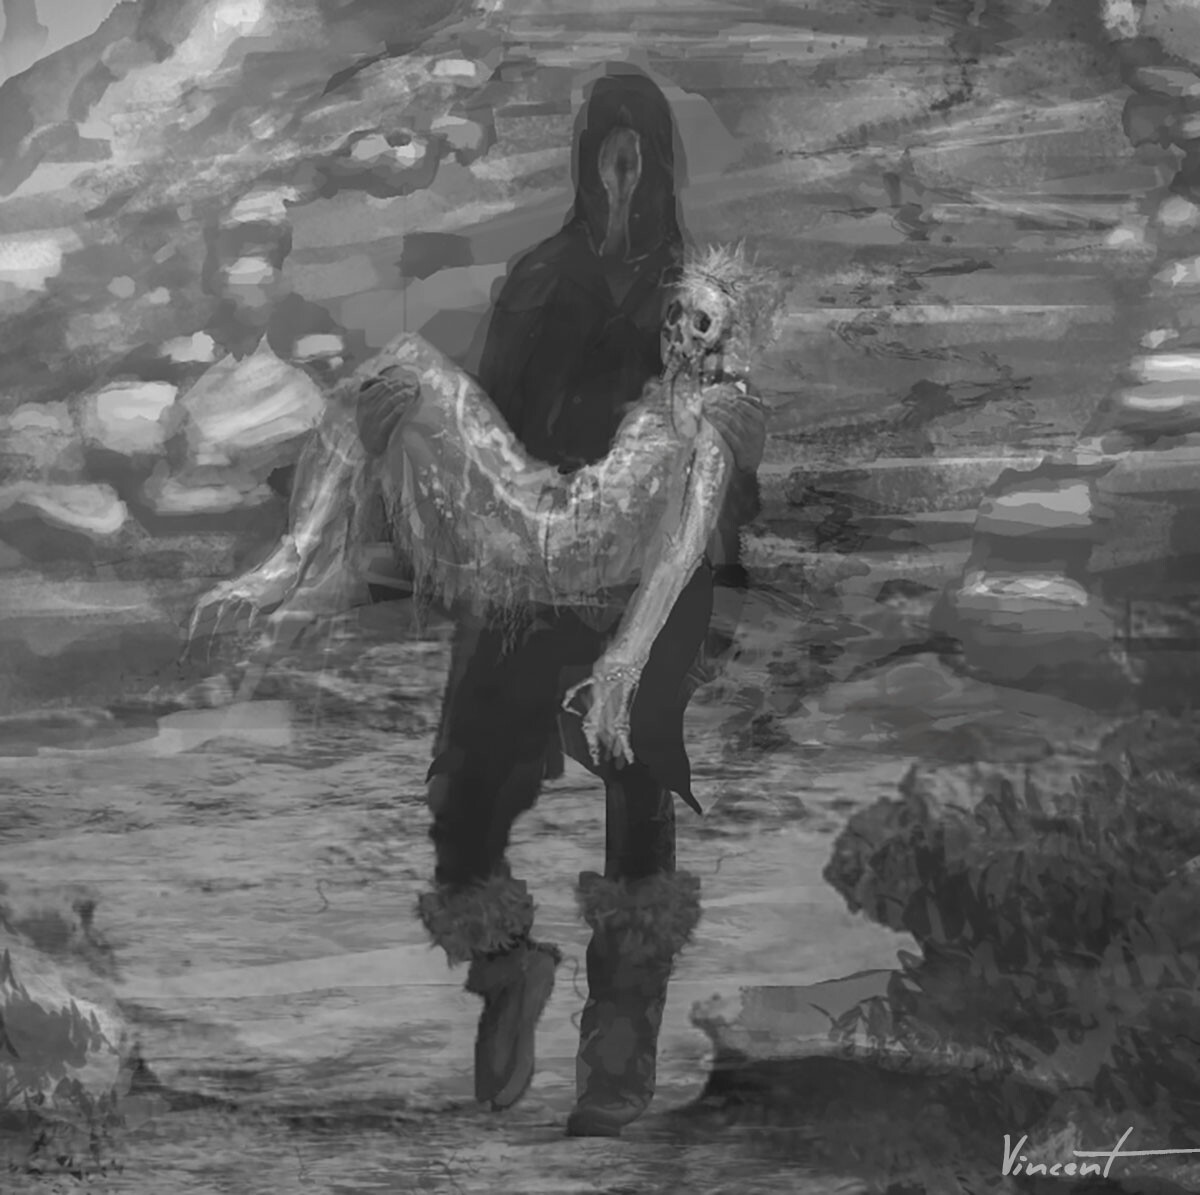 Vincent mactiernan harvesting souls cu2